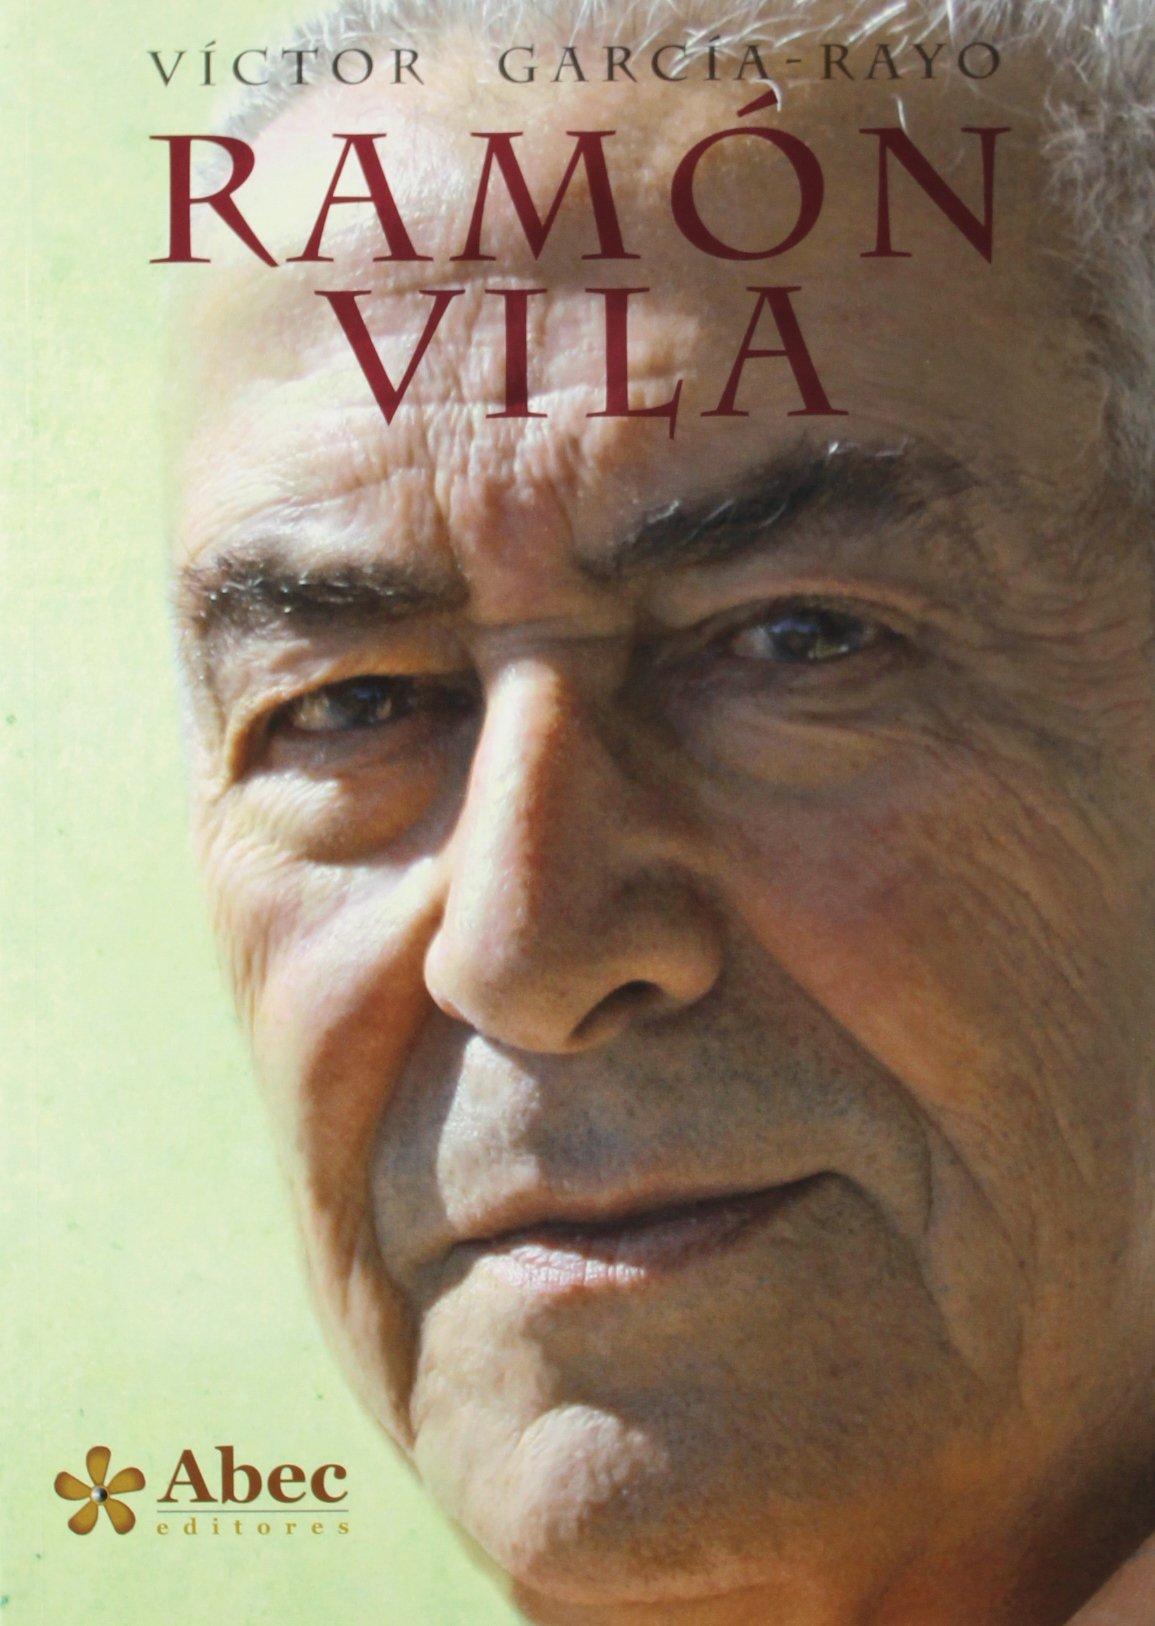 RAMON VILA: Amazon.es: GARCIA-RAYO, VICTOR: Libros